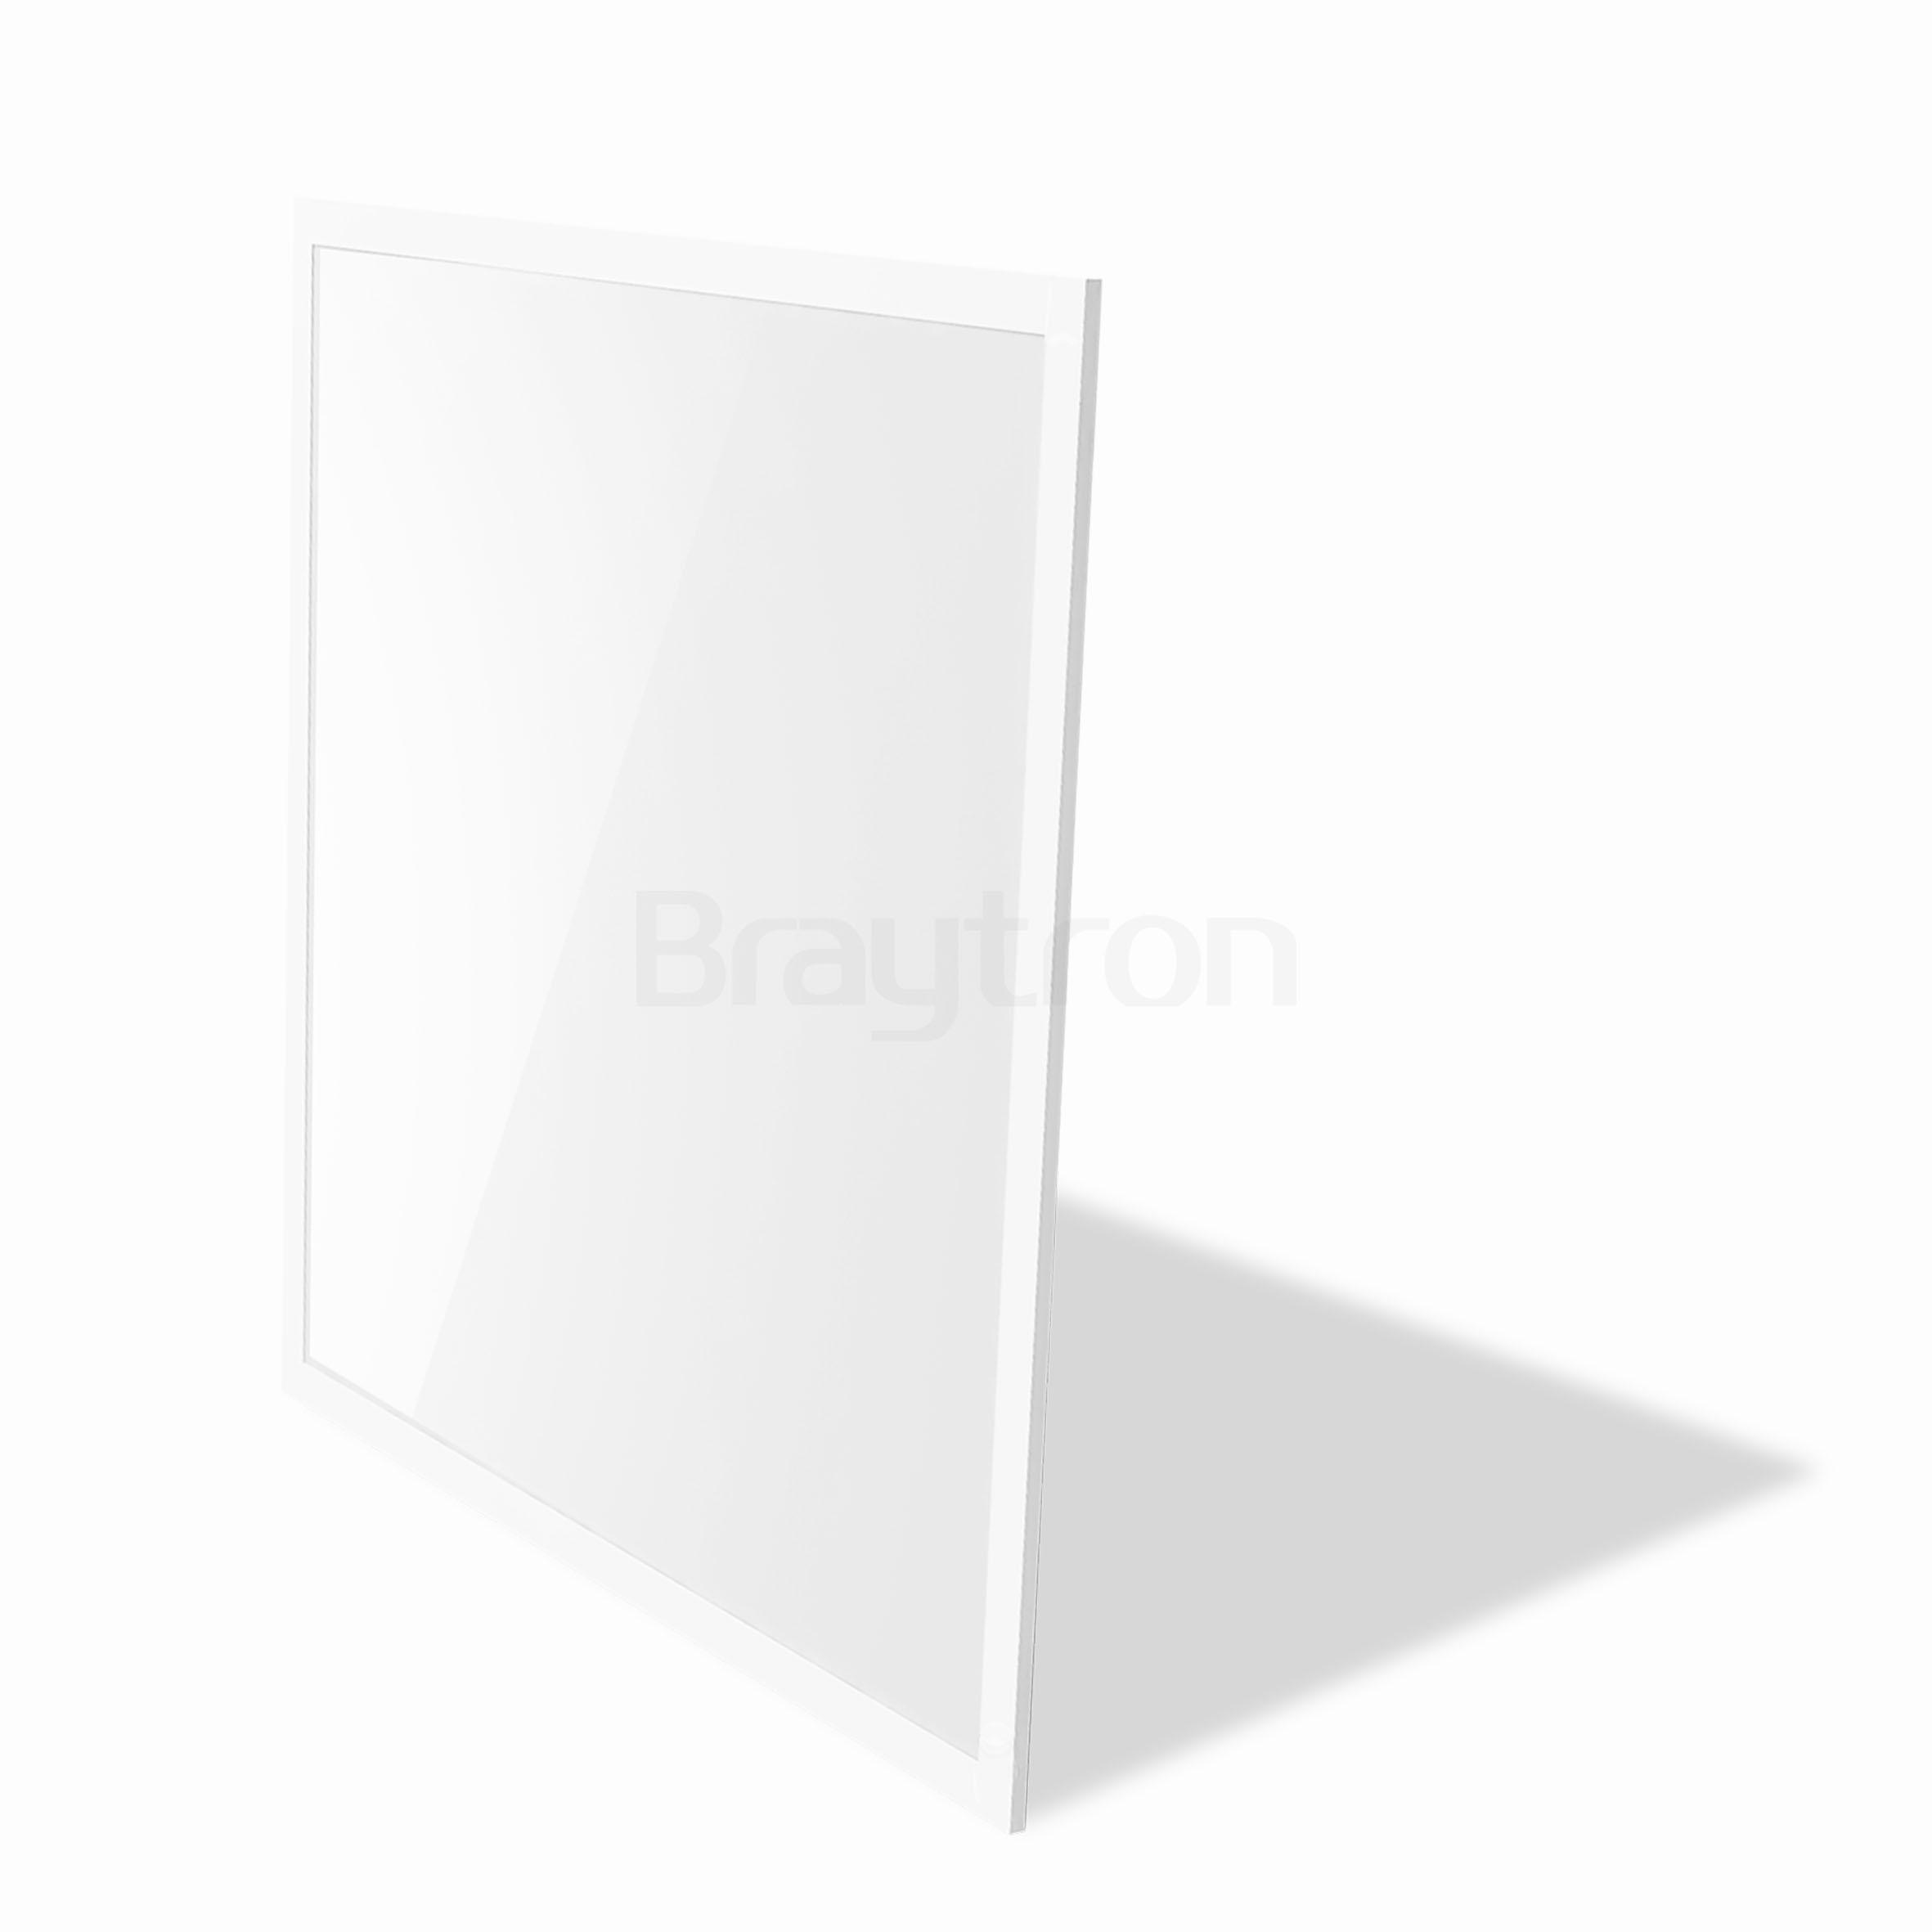 45w 60x60 Ledli Panel